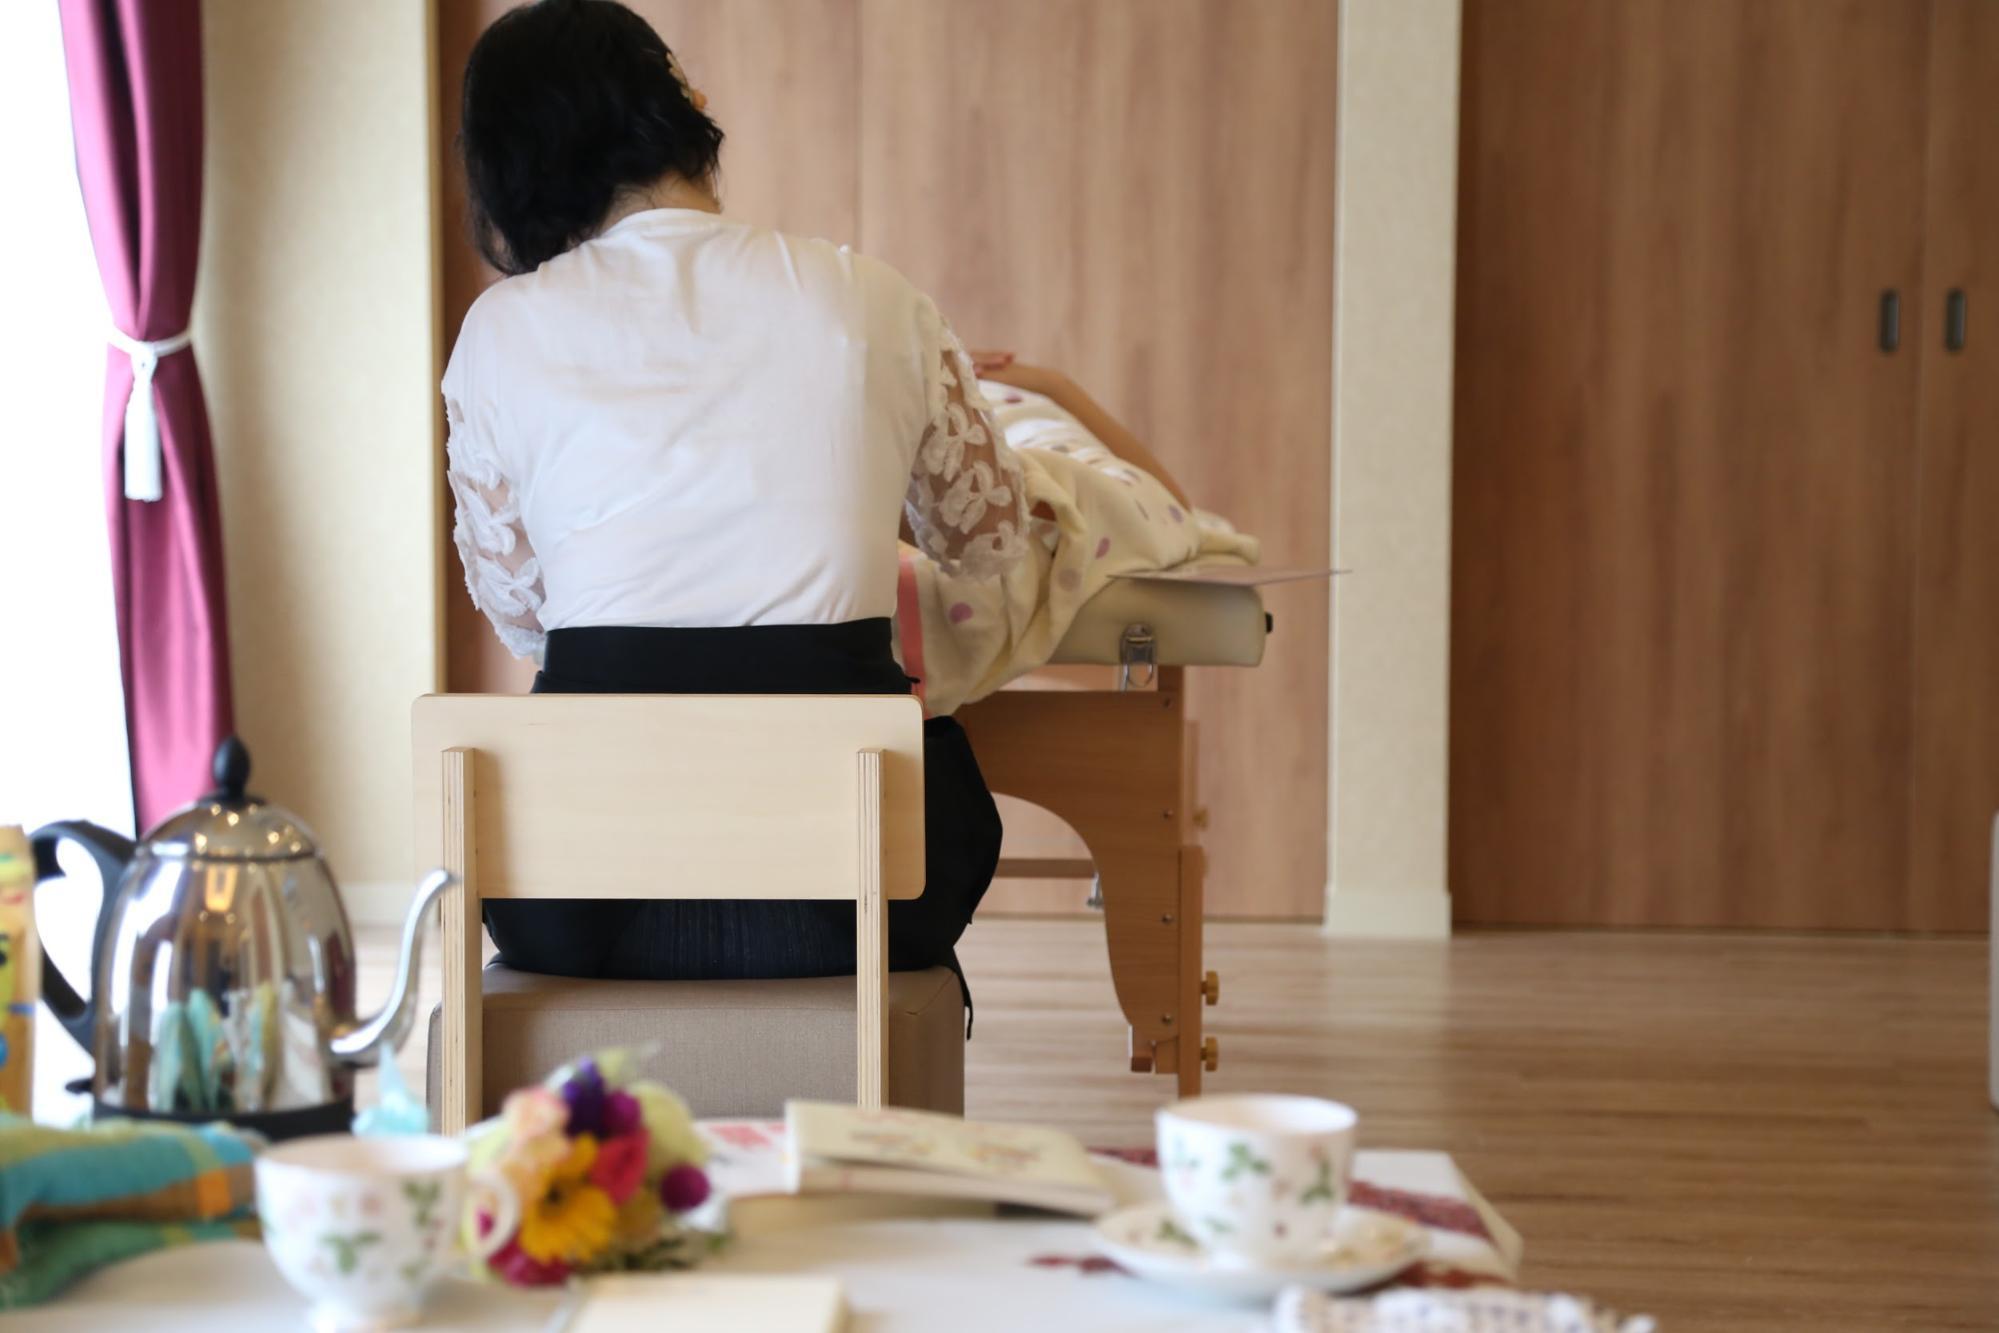 「mamaりふれmahalo~わたしの時間~」チャレンジプロジェクトレポート